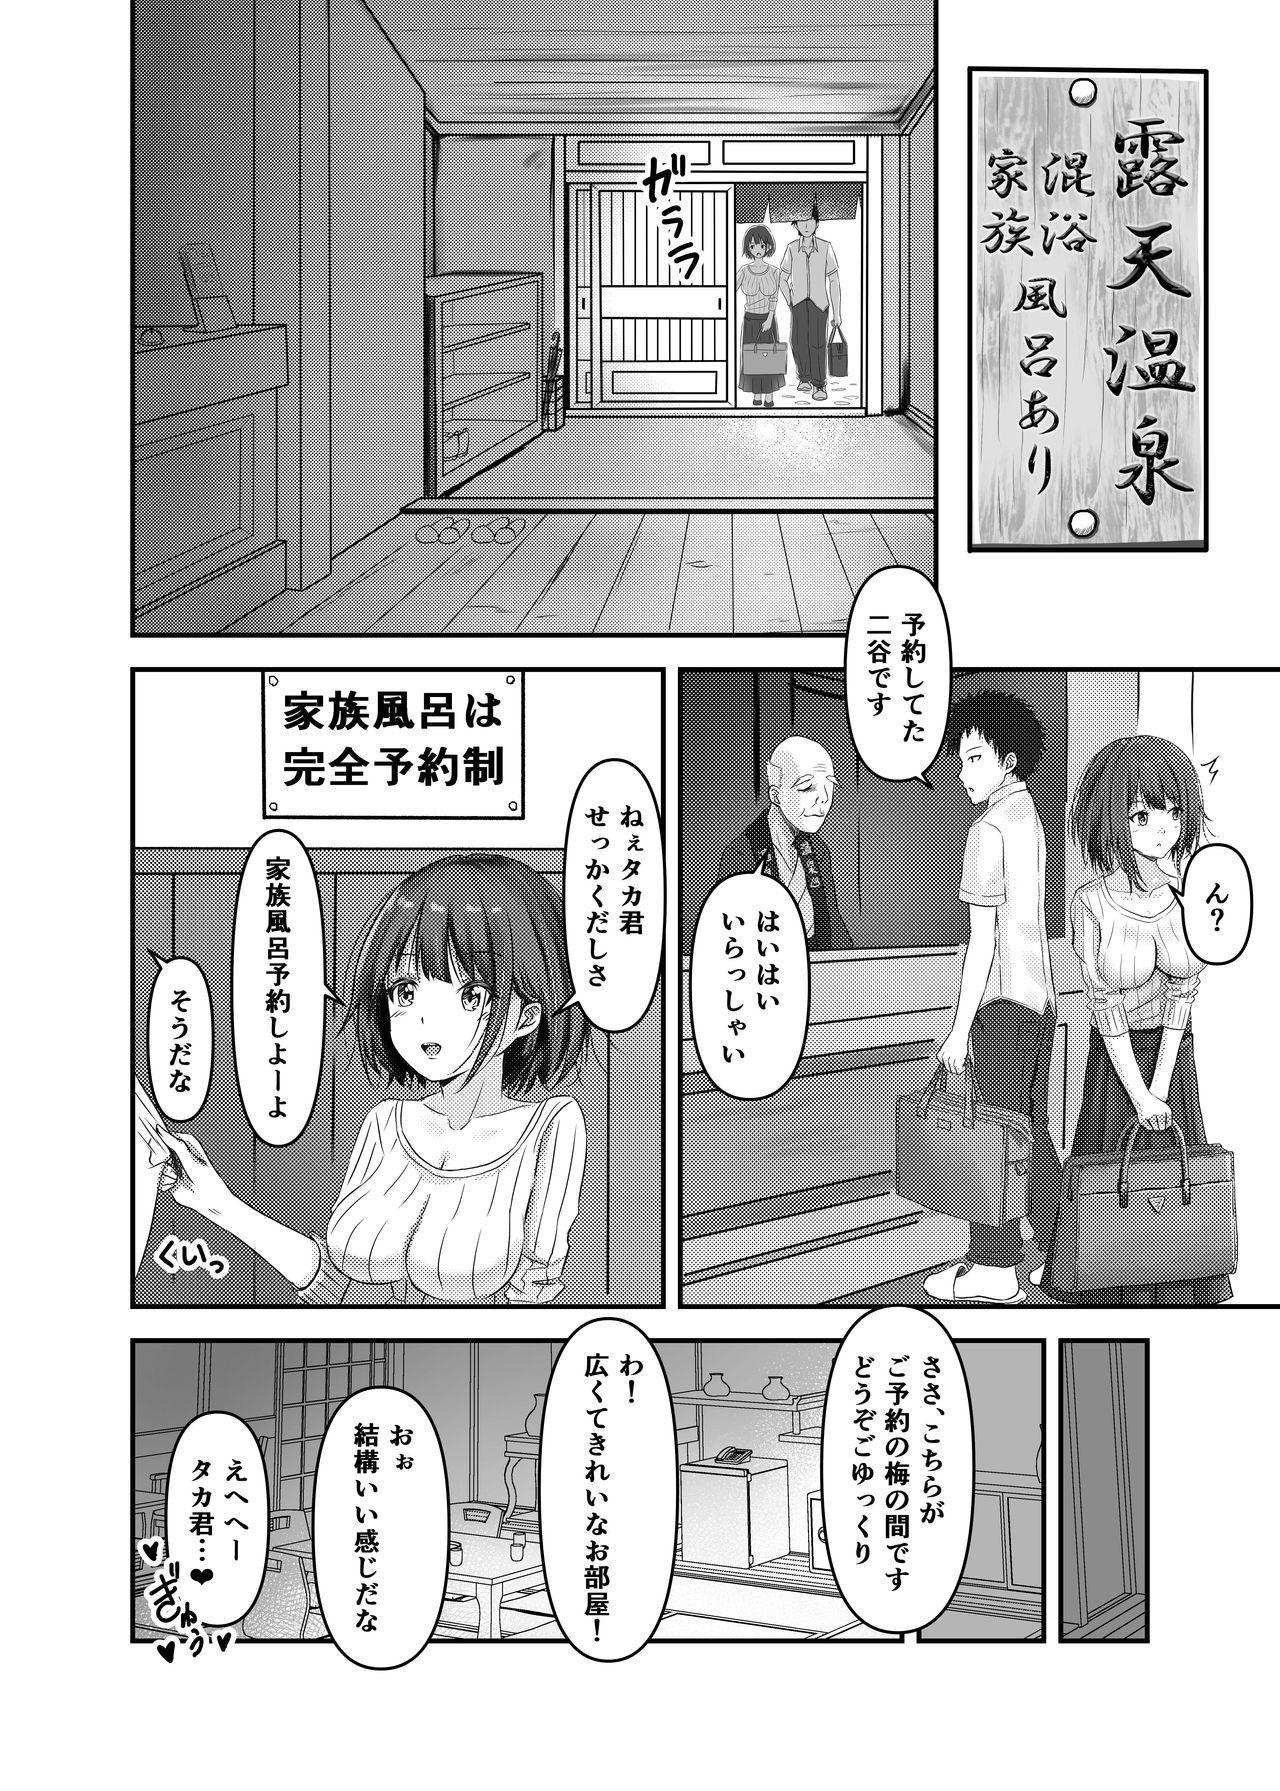 Hitozuma Shiori ga Onsen Ryokou de NTRta Hi 3